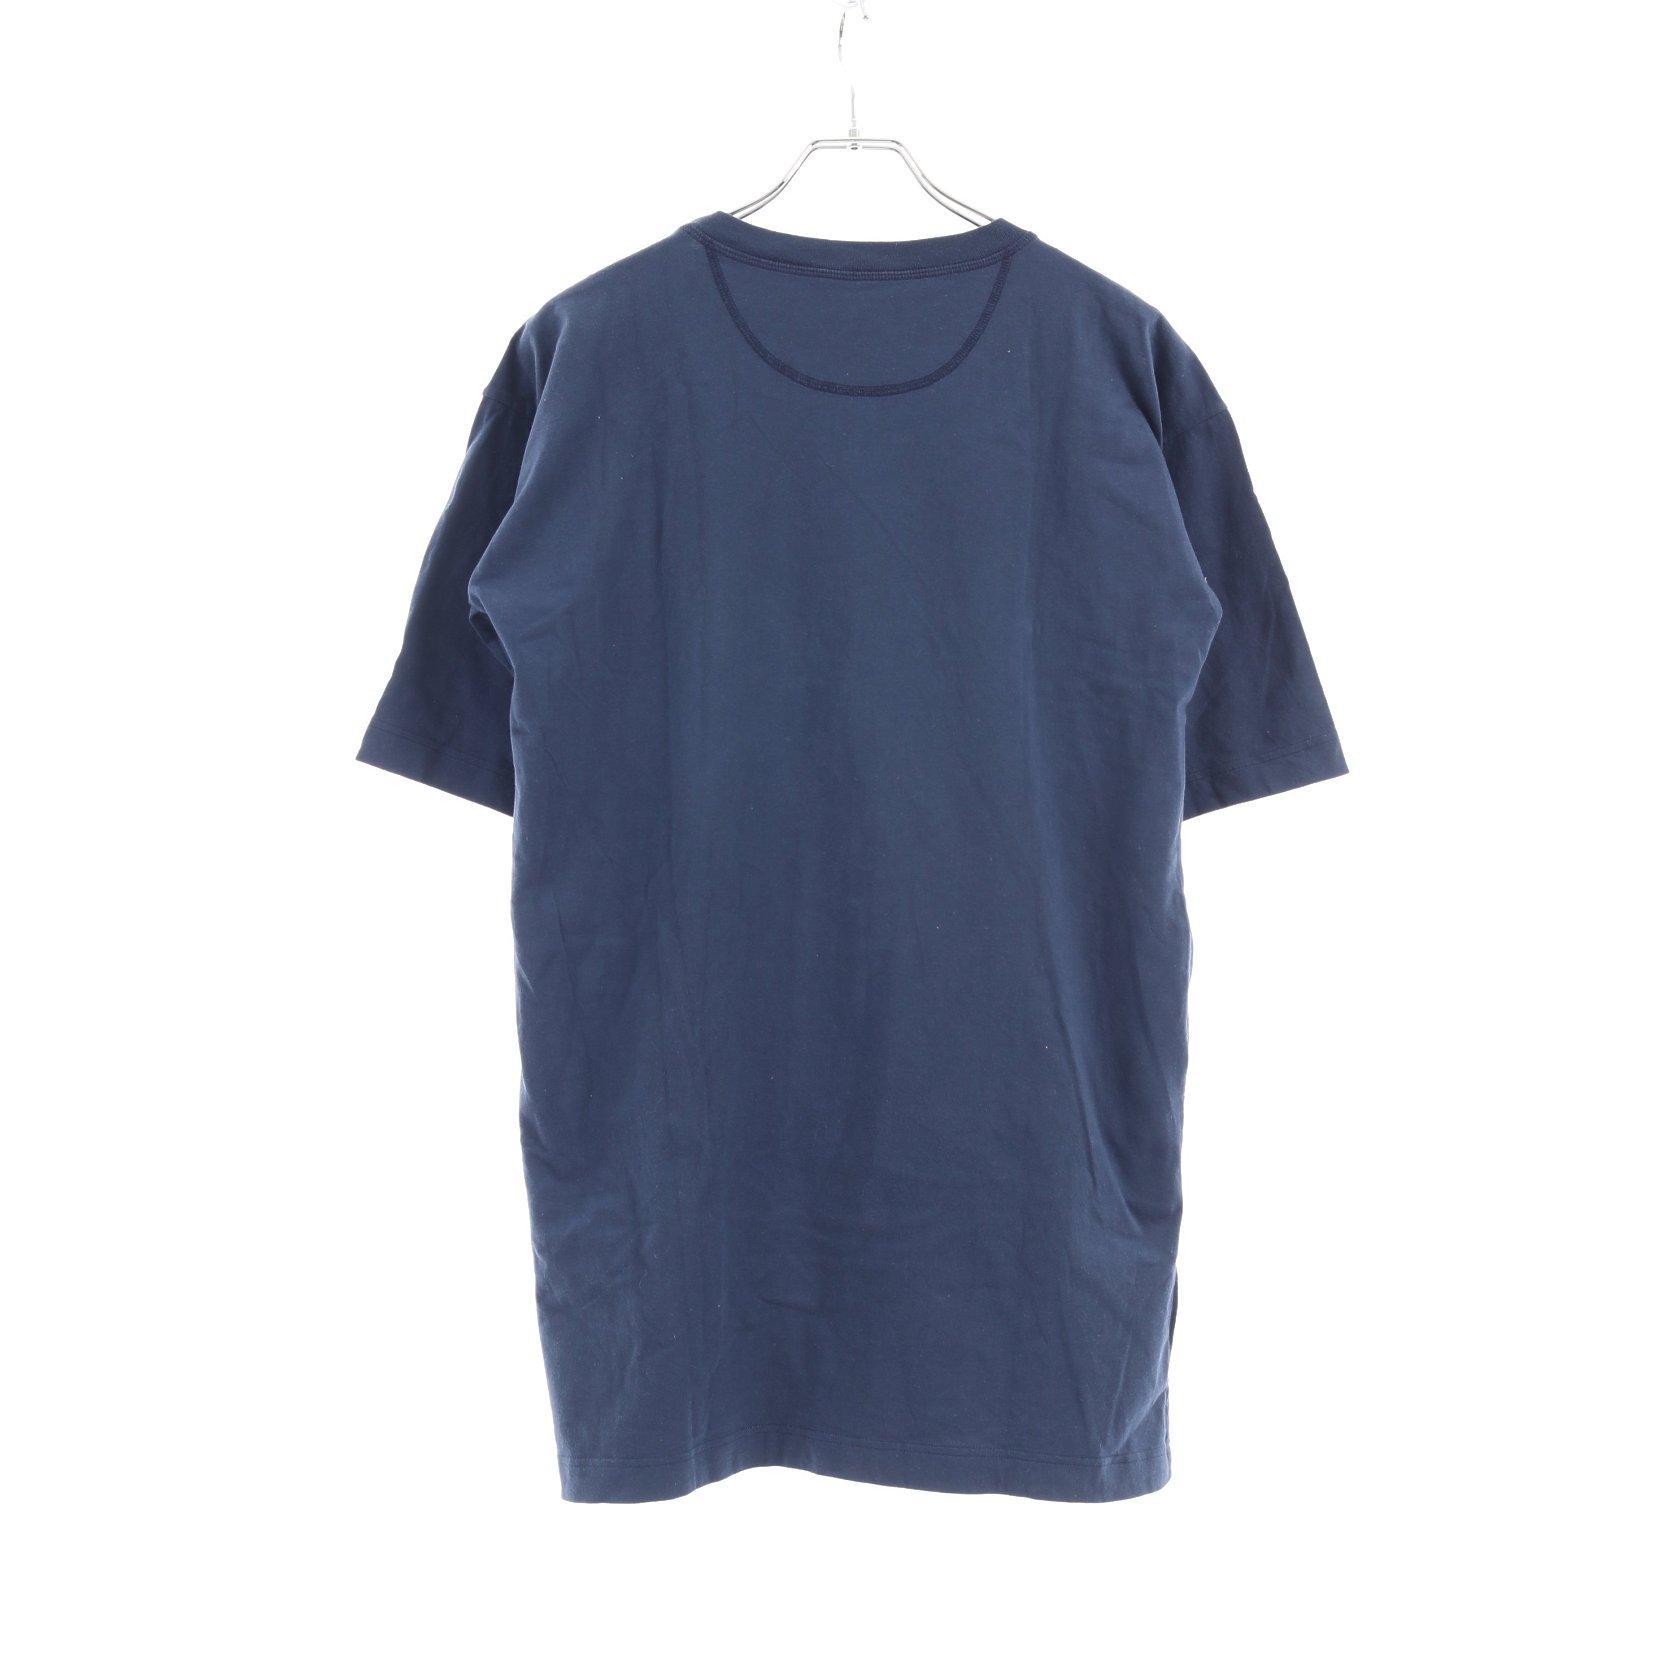 FENDI・トップス・FENDI × FILA フェンディマニア Tシャツ ネイビー マルチカラー